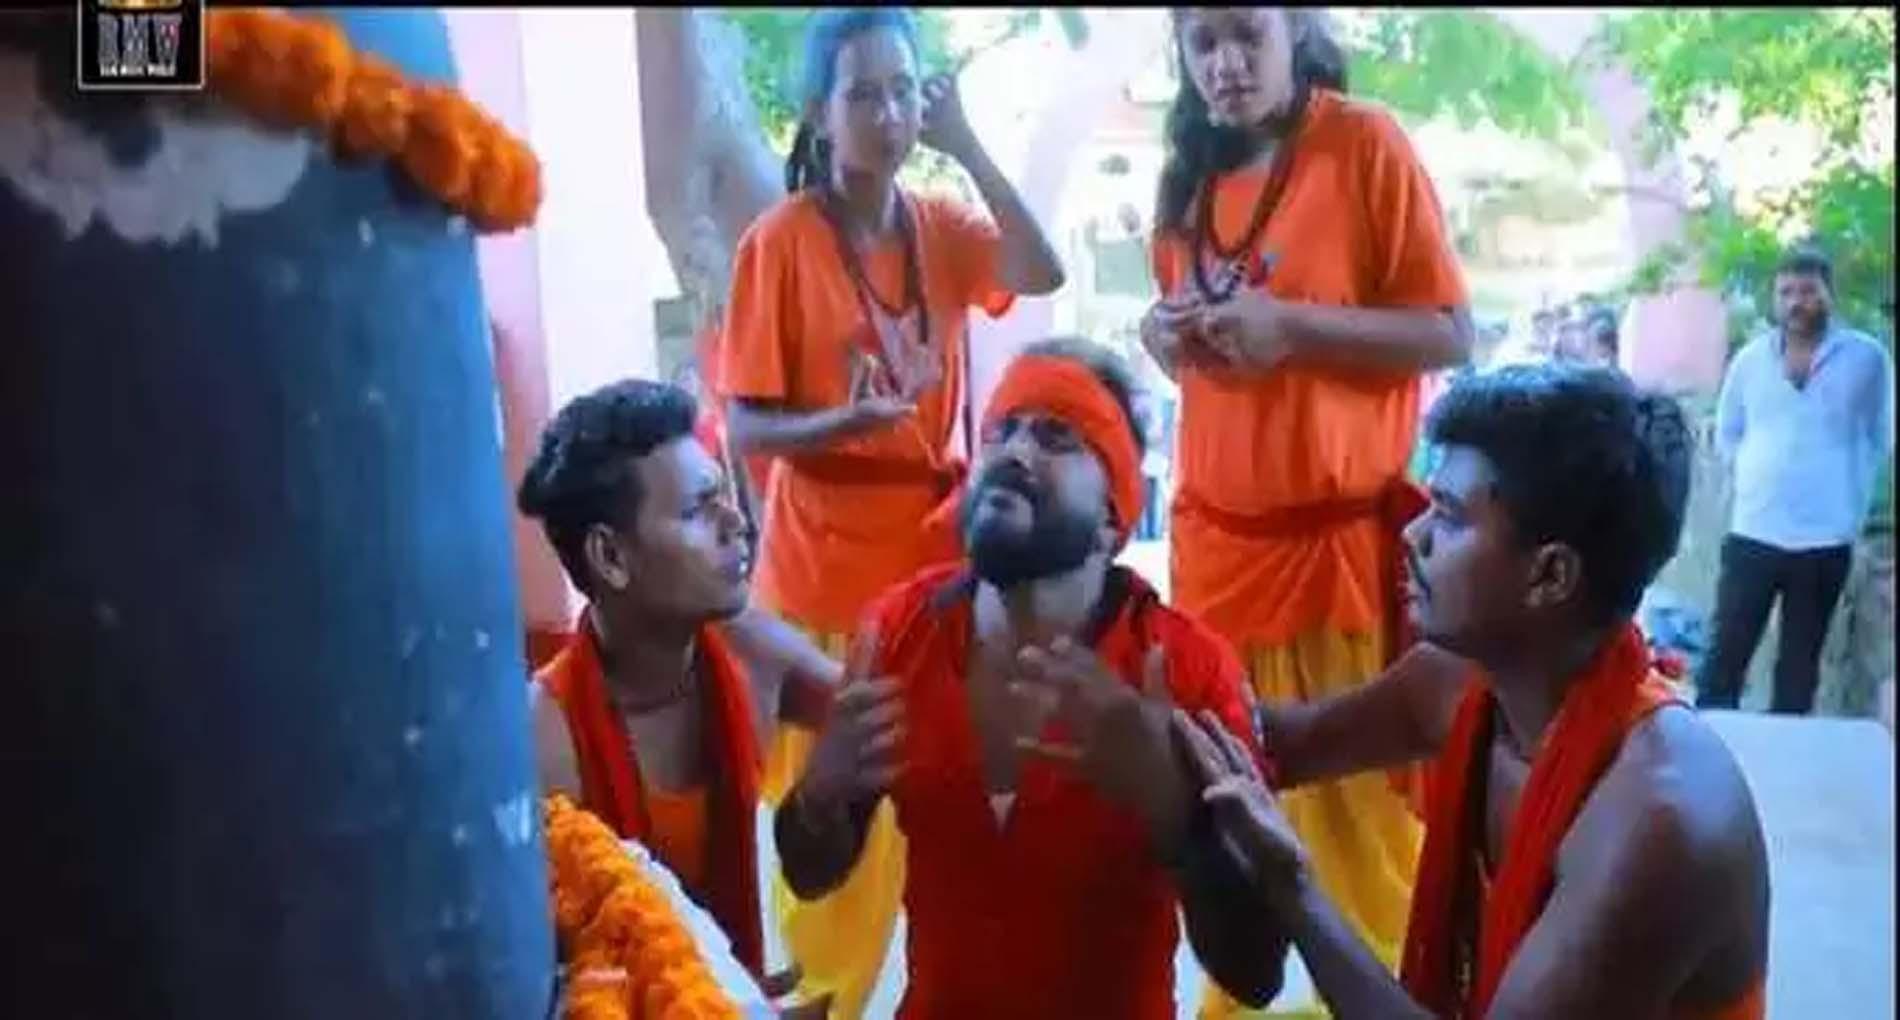 Monu Albela Song: मोनू अलबेला के इस गाने ने मचाया धमाल! सावन में किया जा रहा खूब पसंद